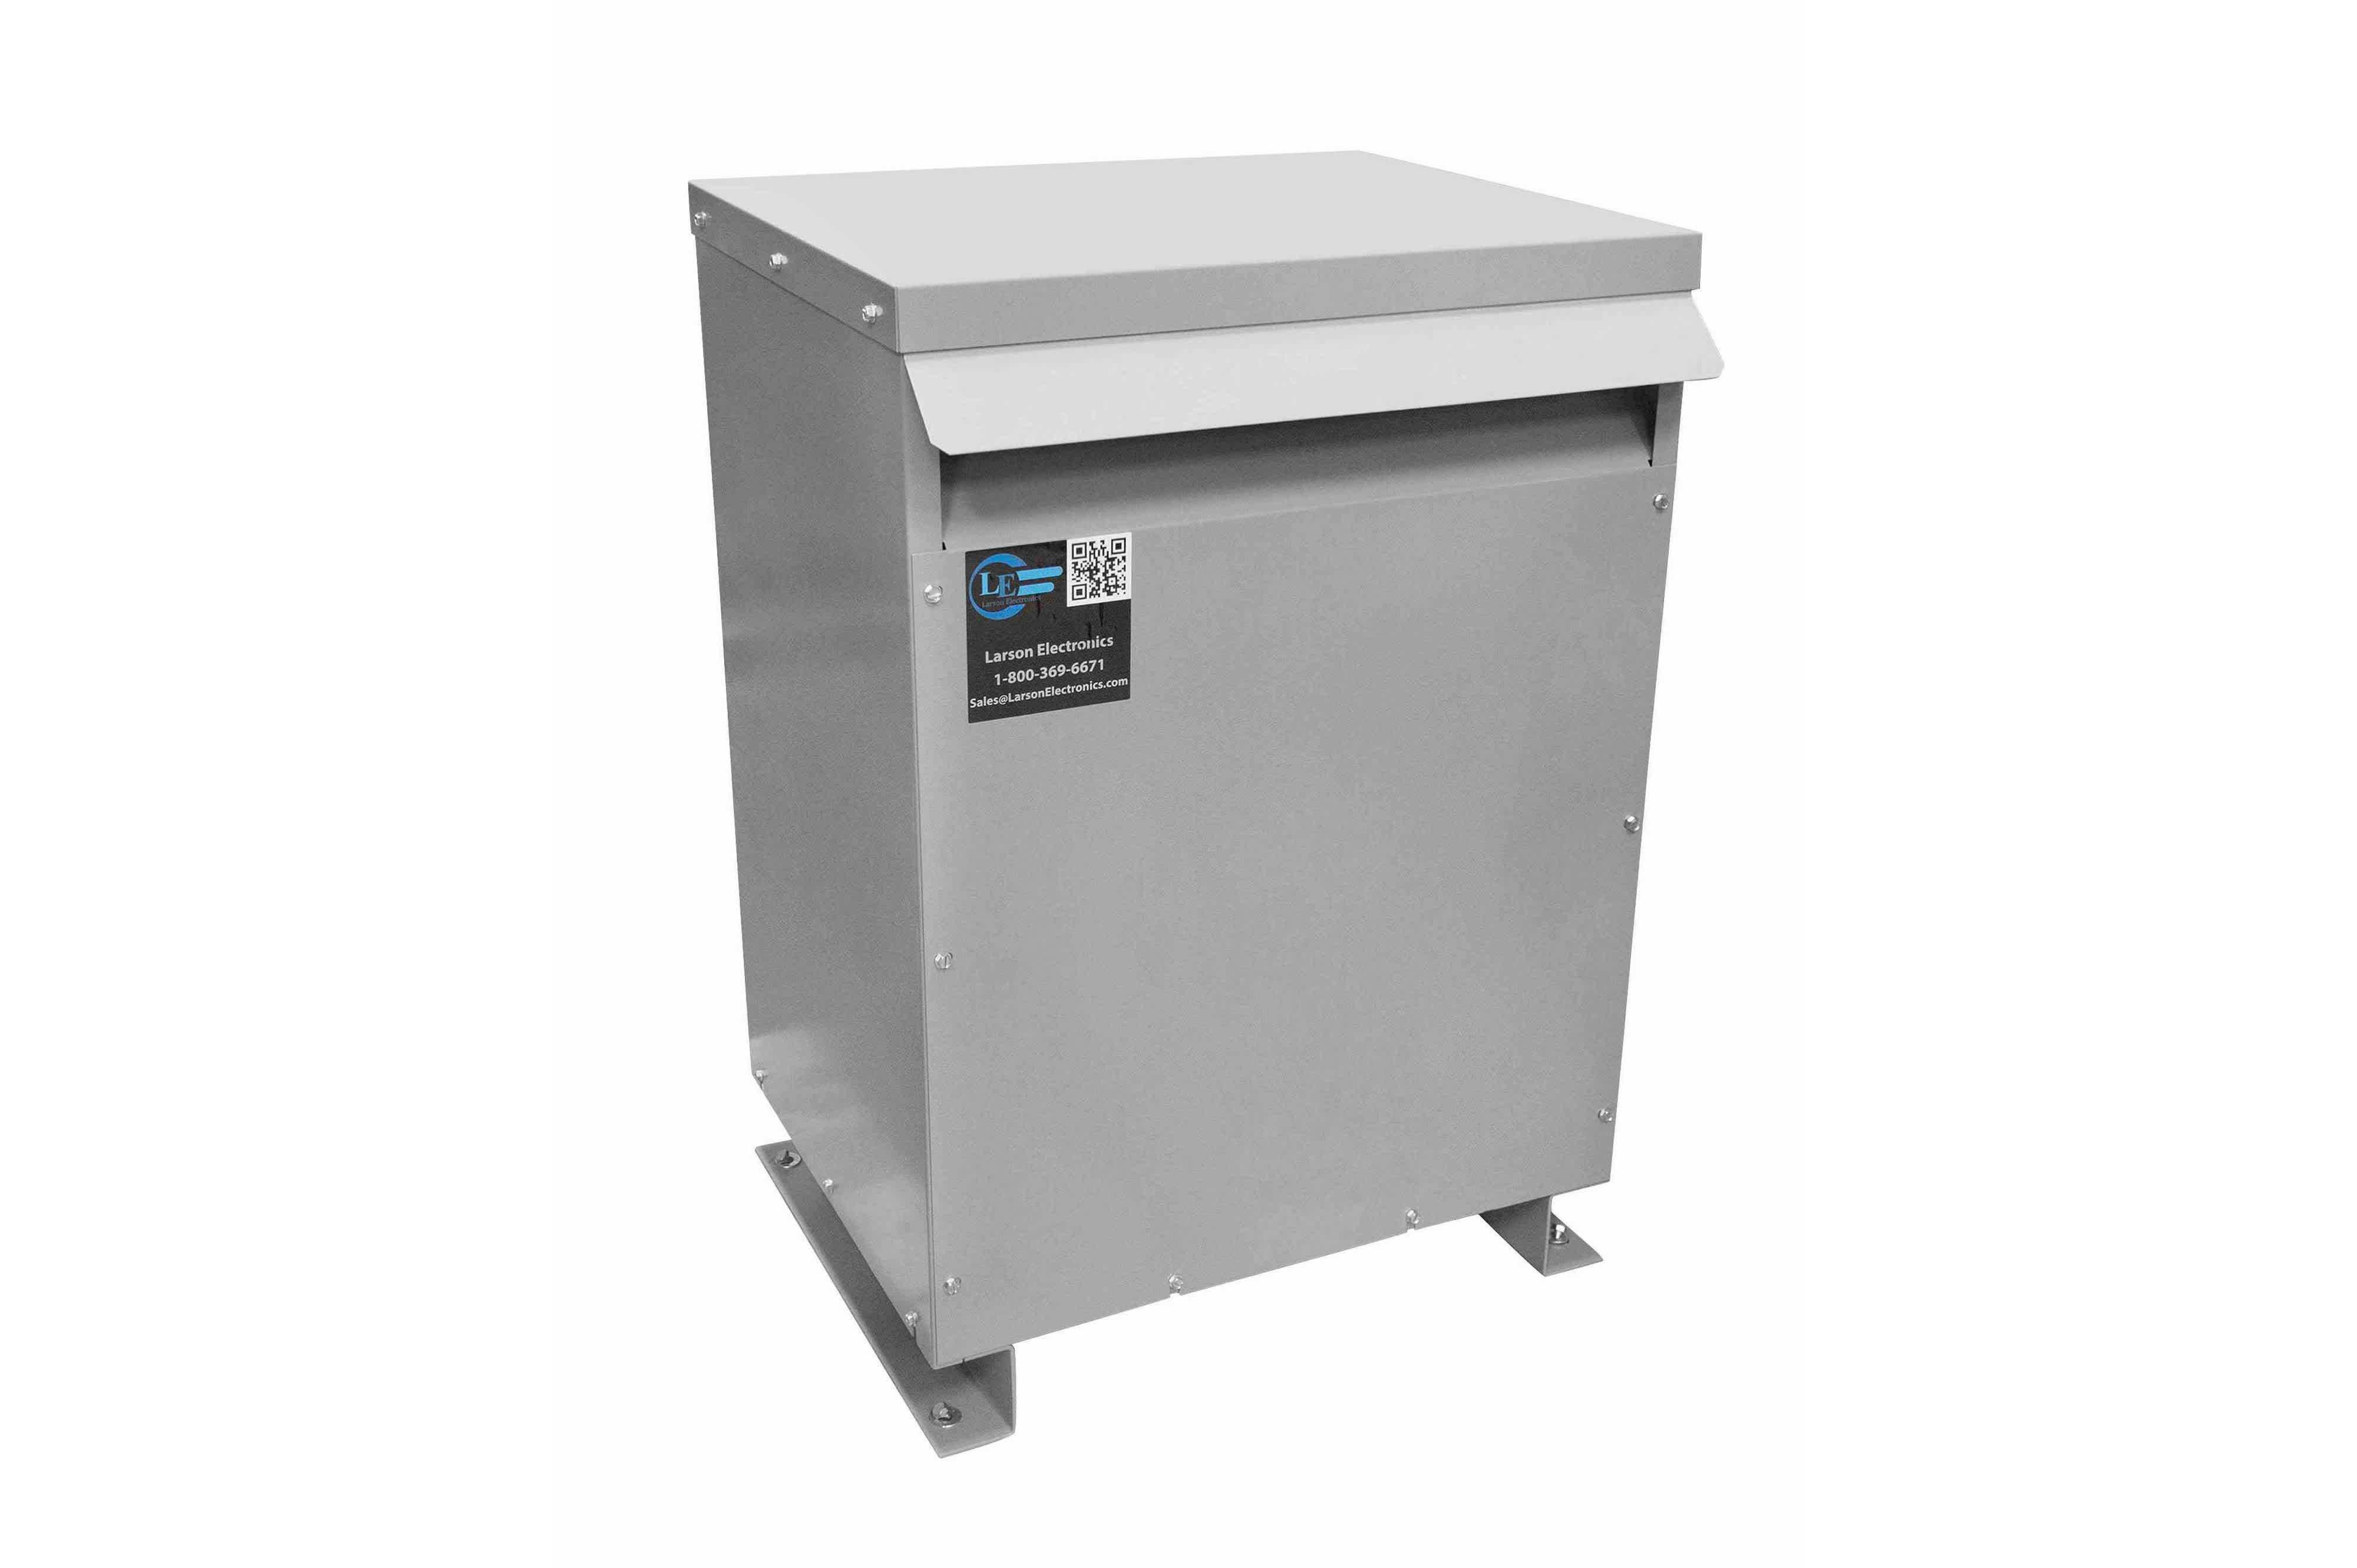 11 kVA 3PH Isolation Transformer, 575V Delta Primary, 380V Delta Secondary, N3R, Ventilated, 60 Hz